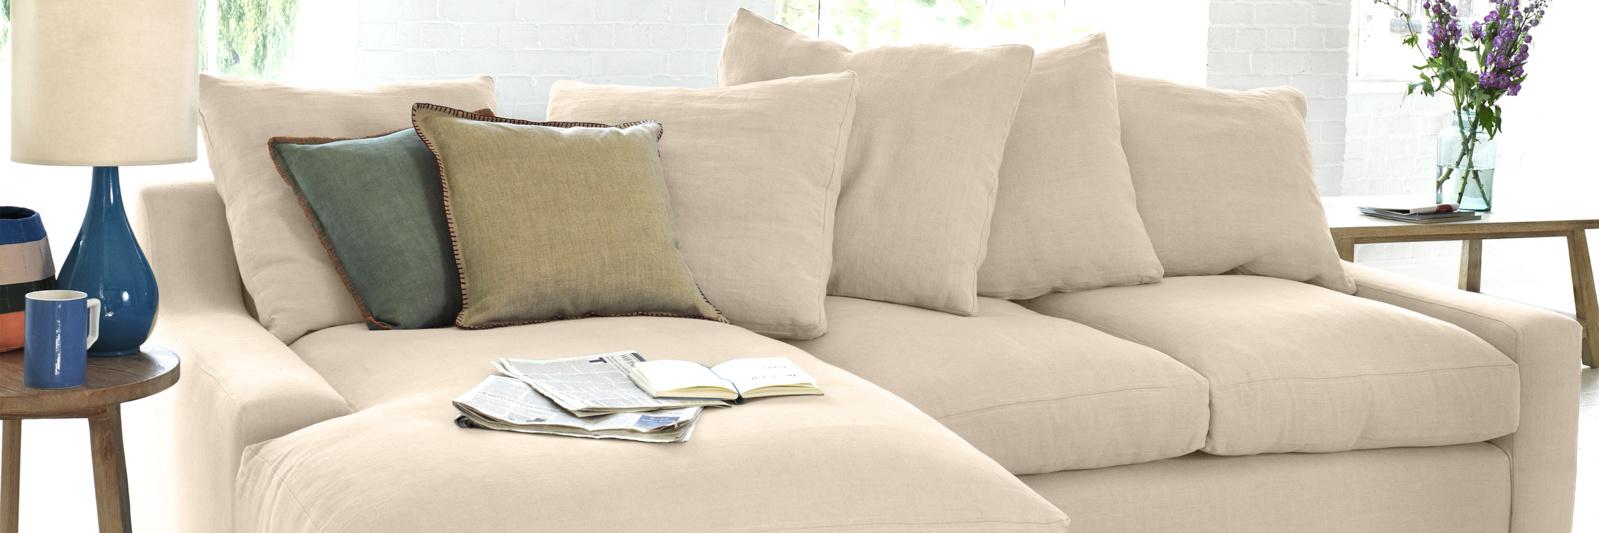 Cloud chaise sofa in neutral  fabric